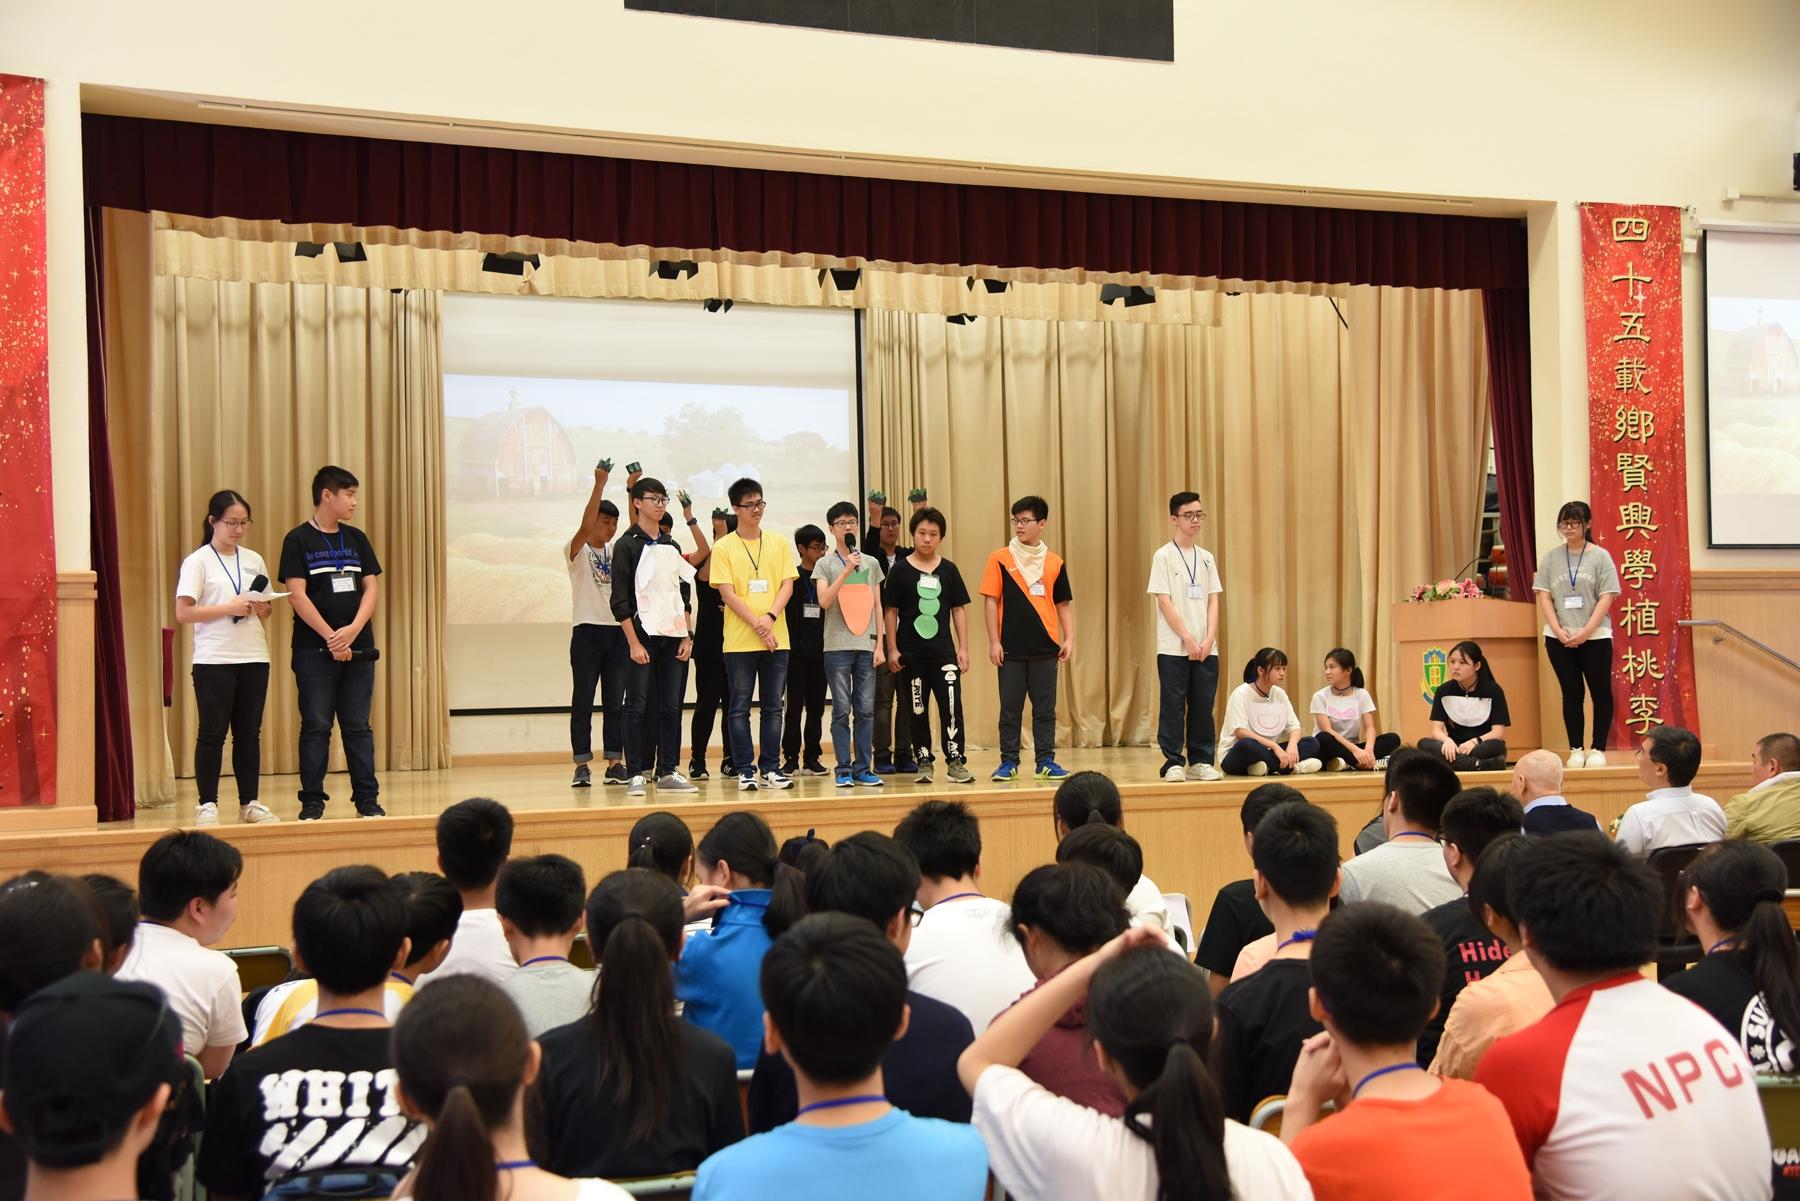 https://www.npc.edu.hk/sites/default/files/dsc_4586.jpg